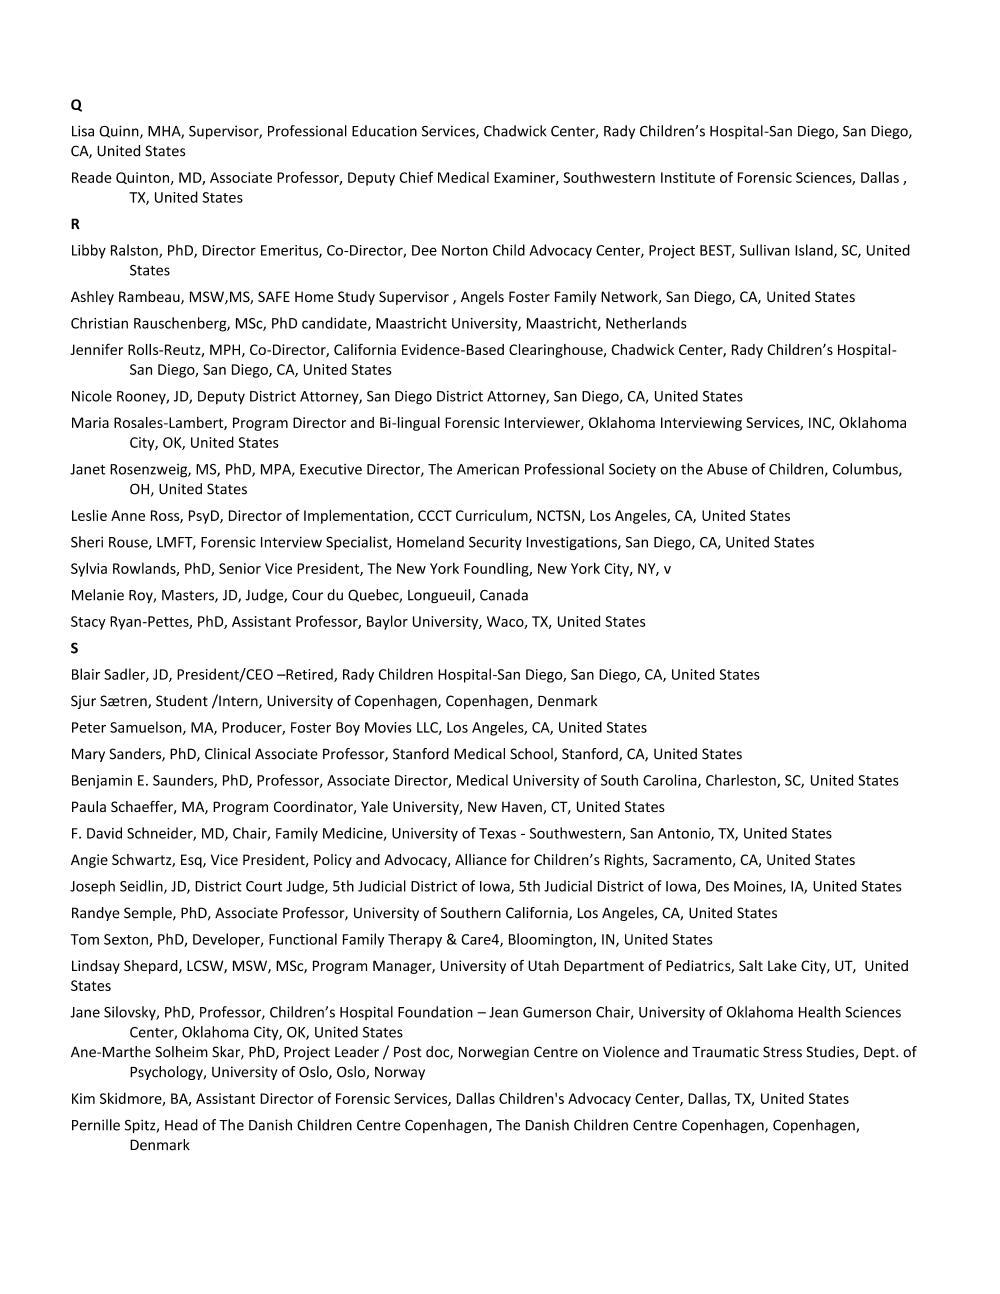 7_Faculty List - Alpha